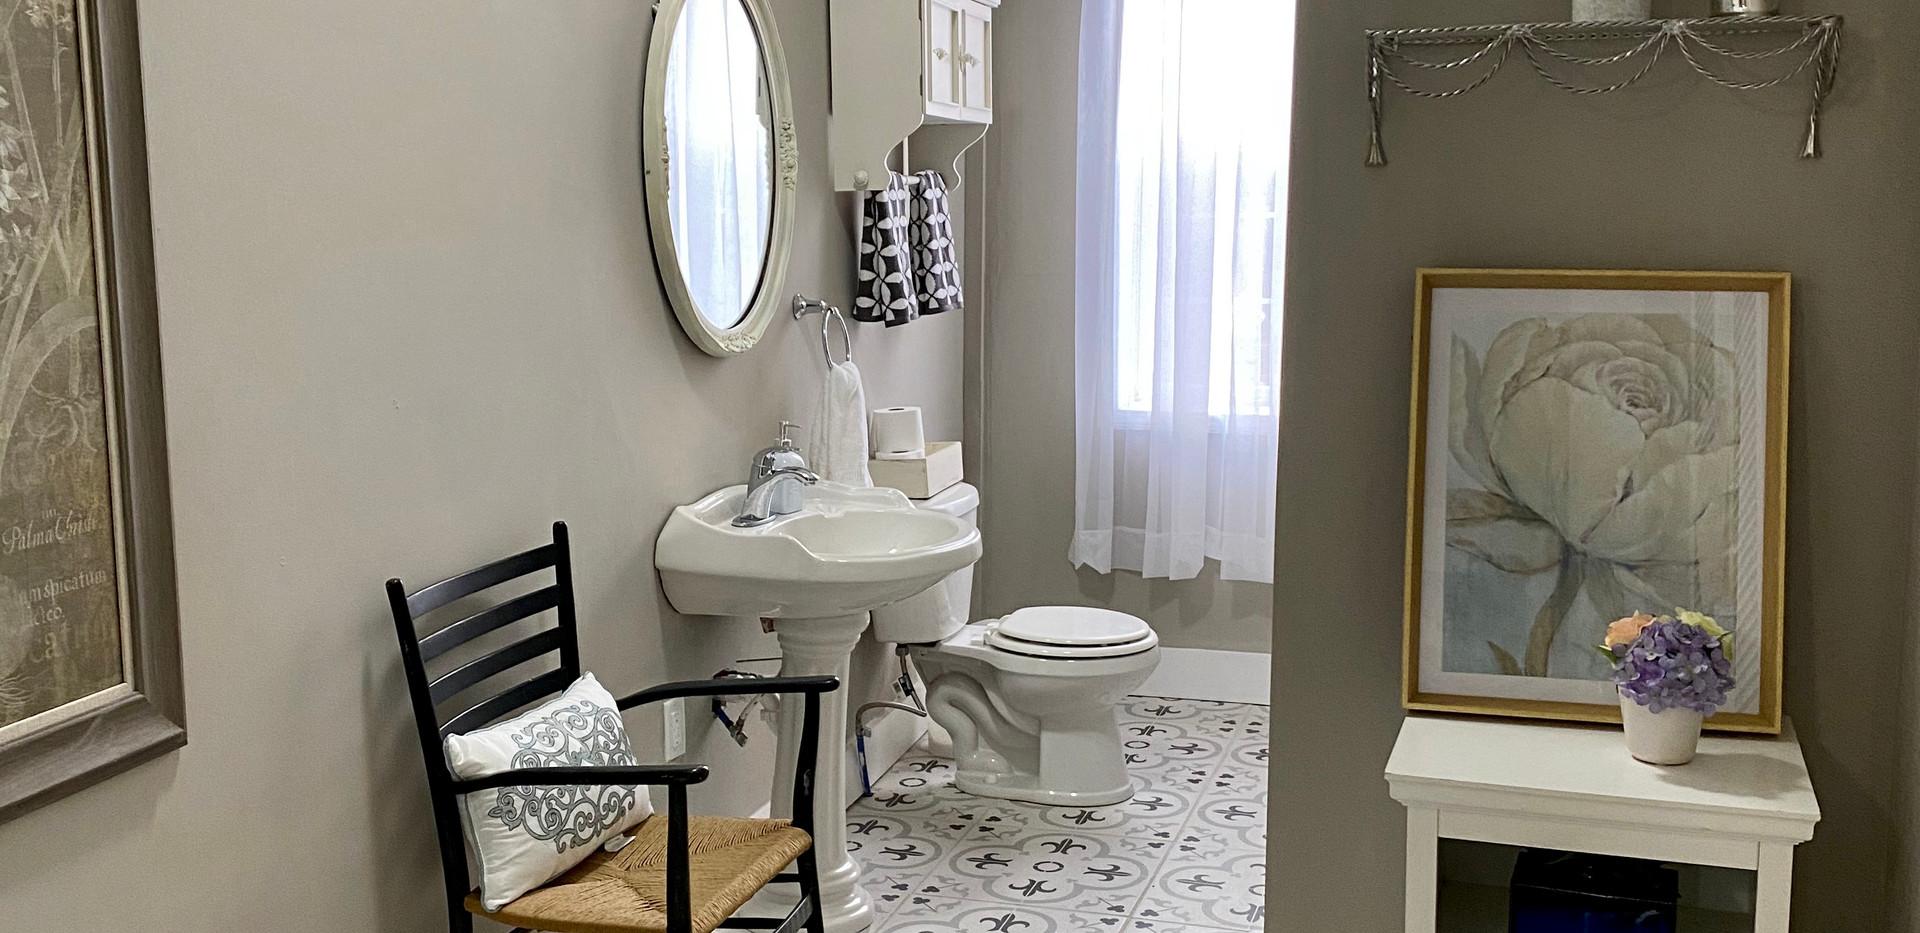 guest bath pic 2.jpg